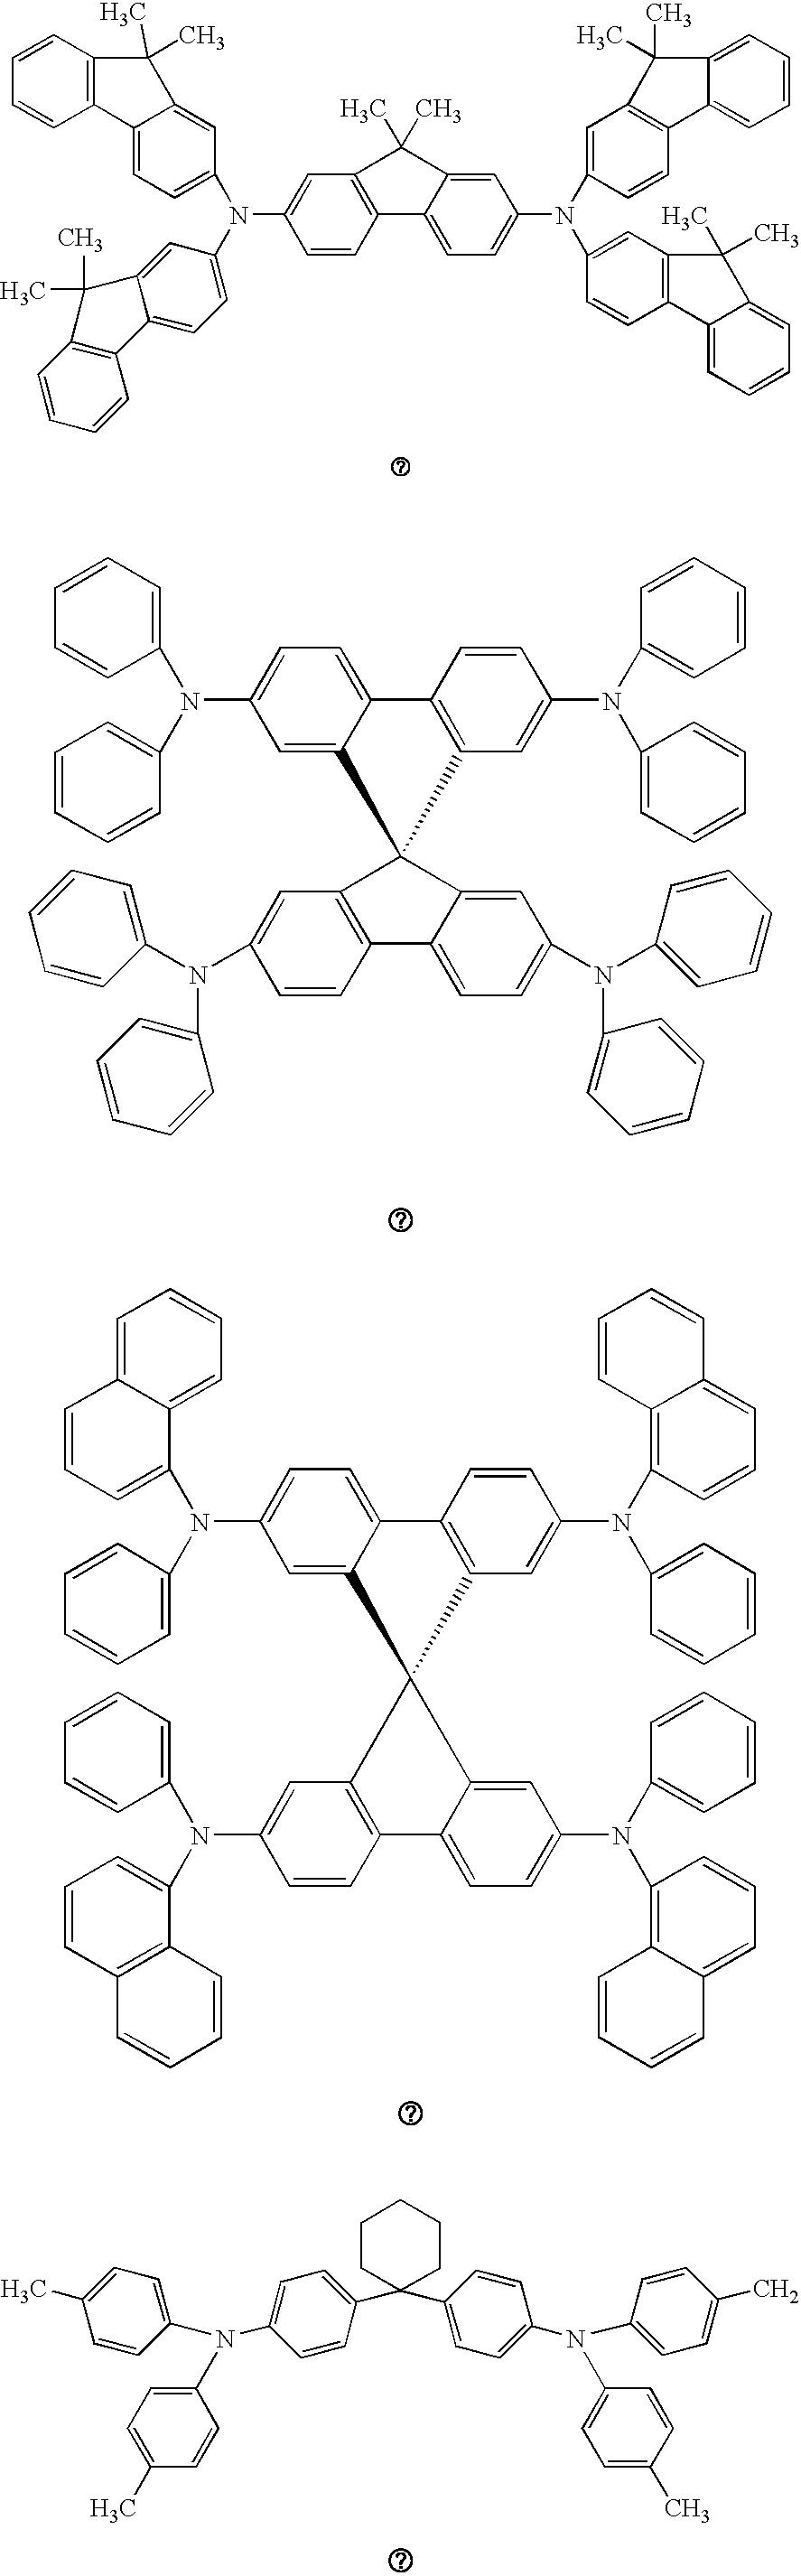 Figure US20070257609A1-20071108-C00002